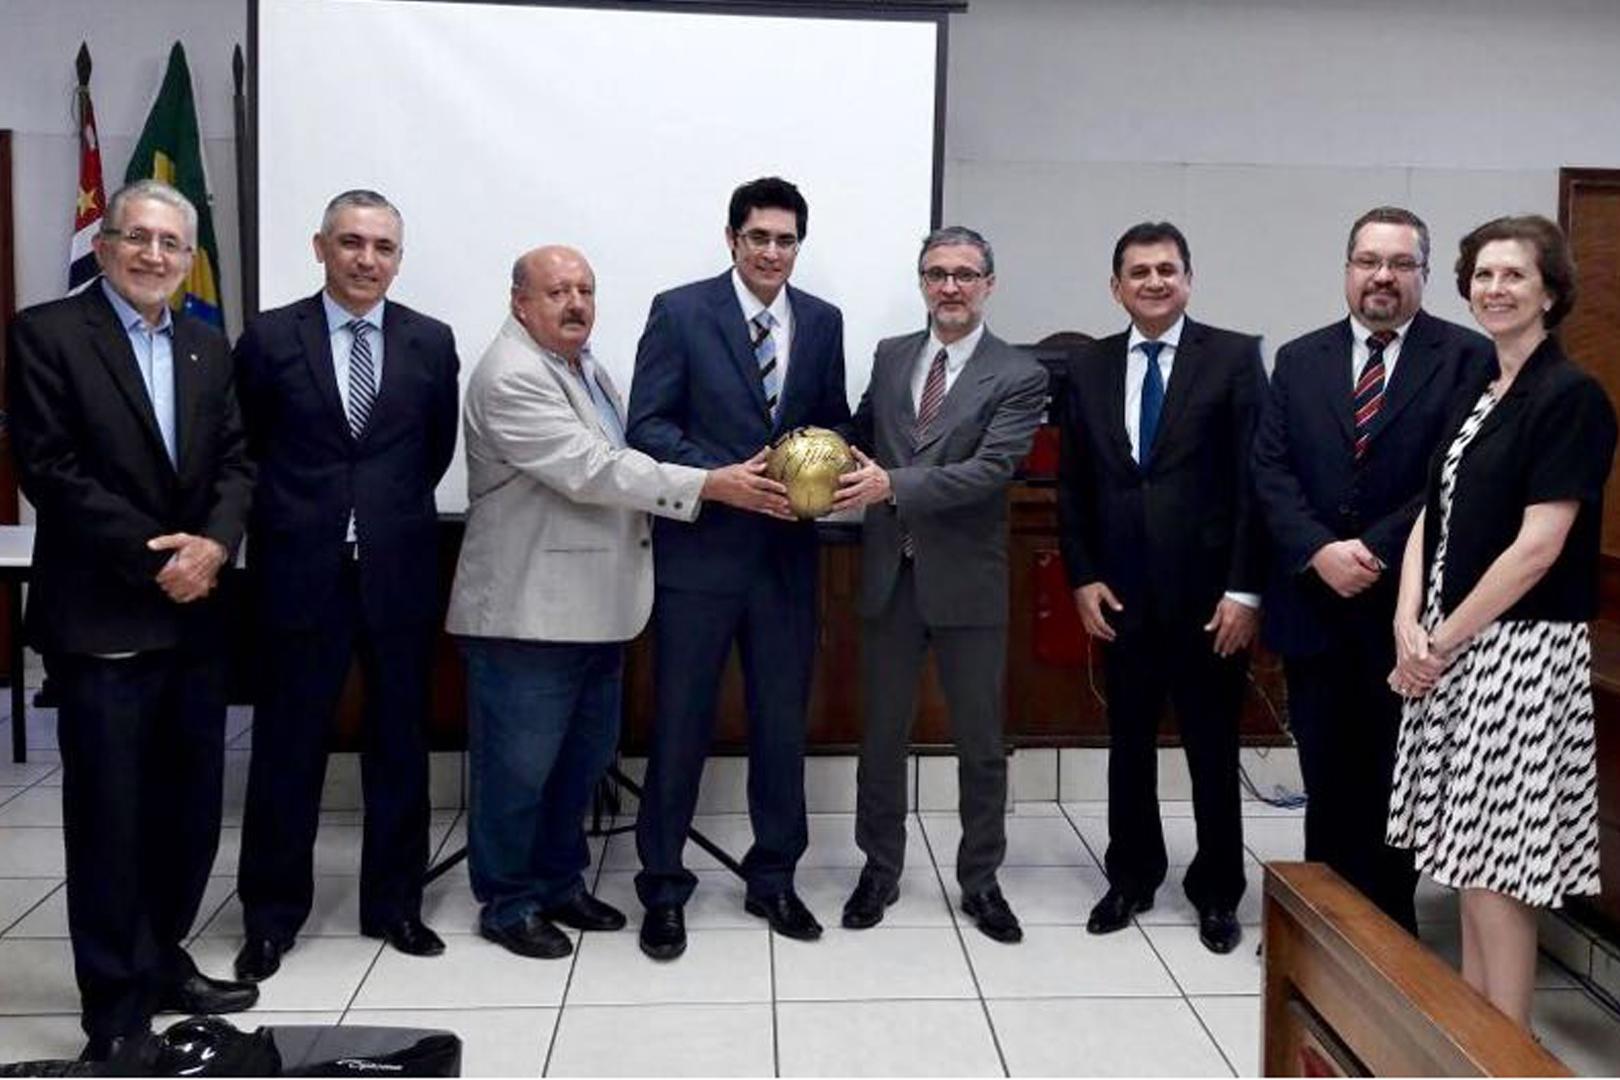 Fórum de Catanduva promove evento sobre destinação solidária do imposto de renda